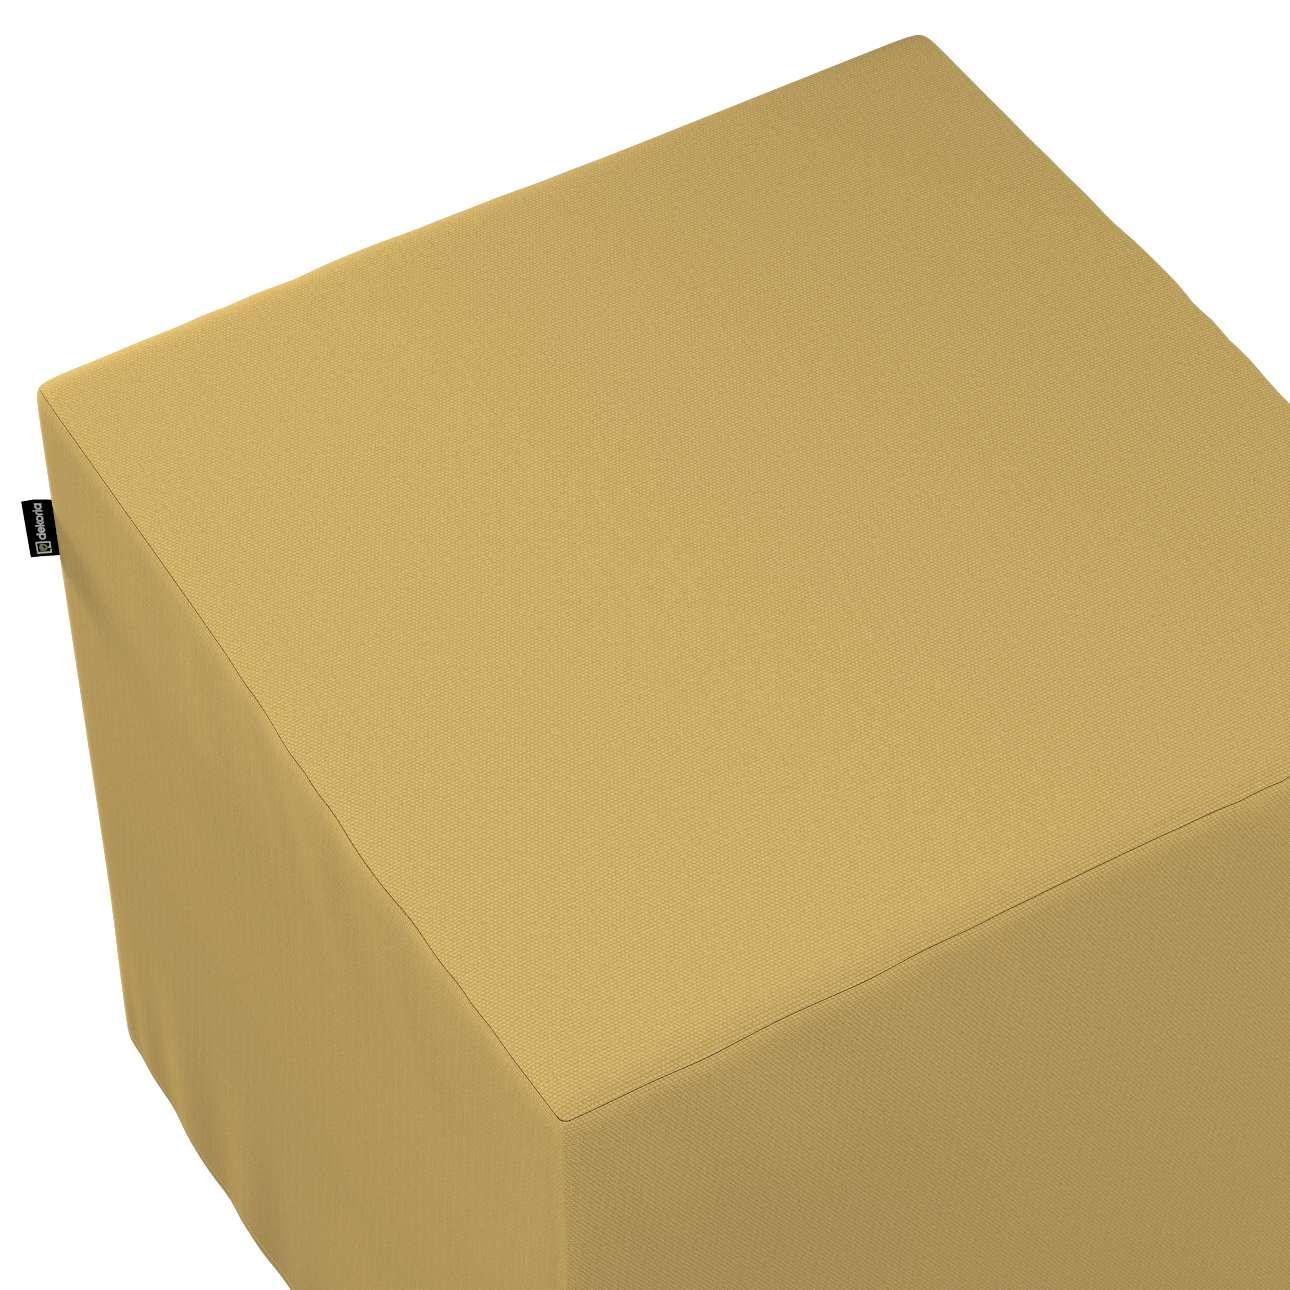 Bezug für Sitzwürfel von der Kollektion Cotton Panama, Stoff: 702-41